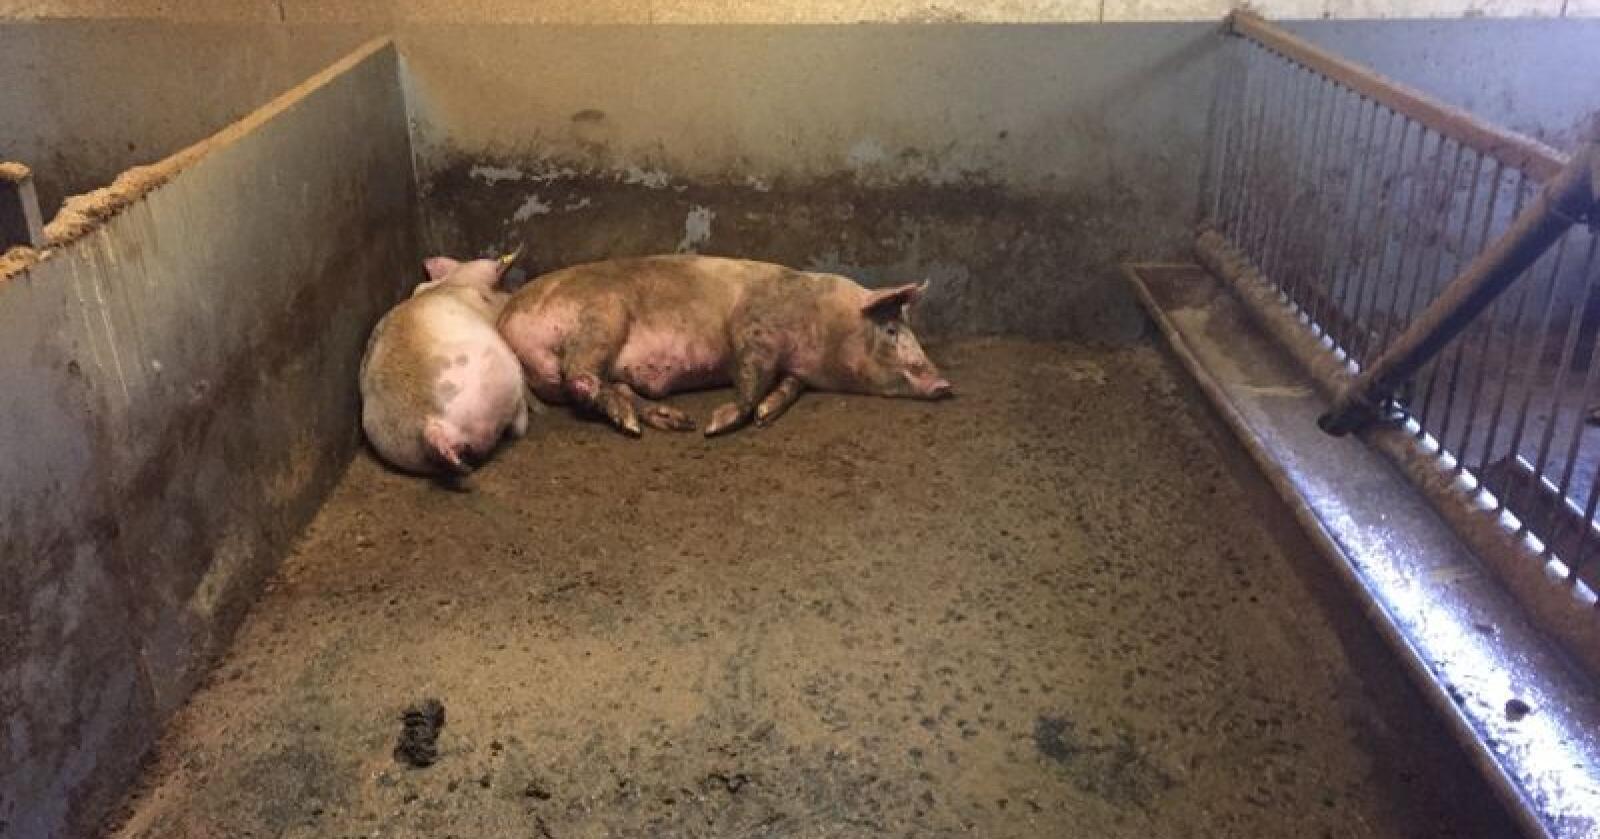 En bonde i Oppland ble dømt til 21 dagers fengsel for møkkete griser. Foto: Mattilsynet